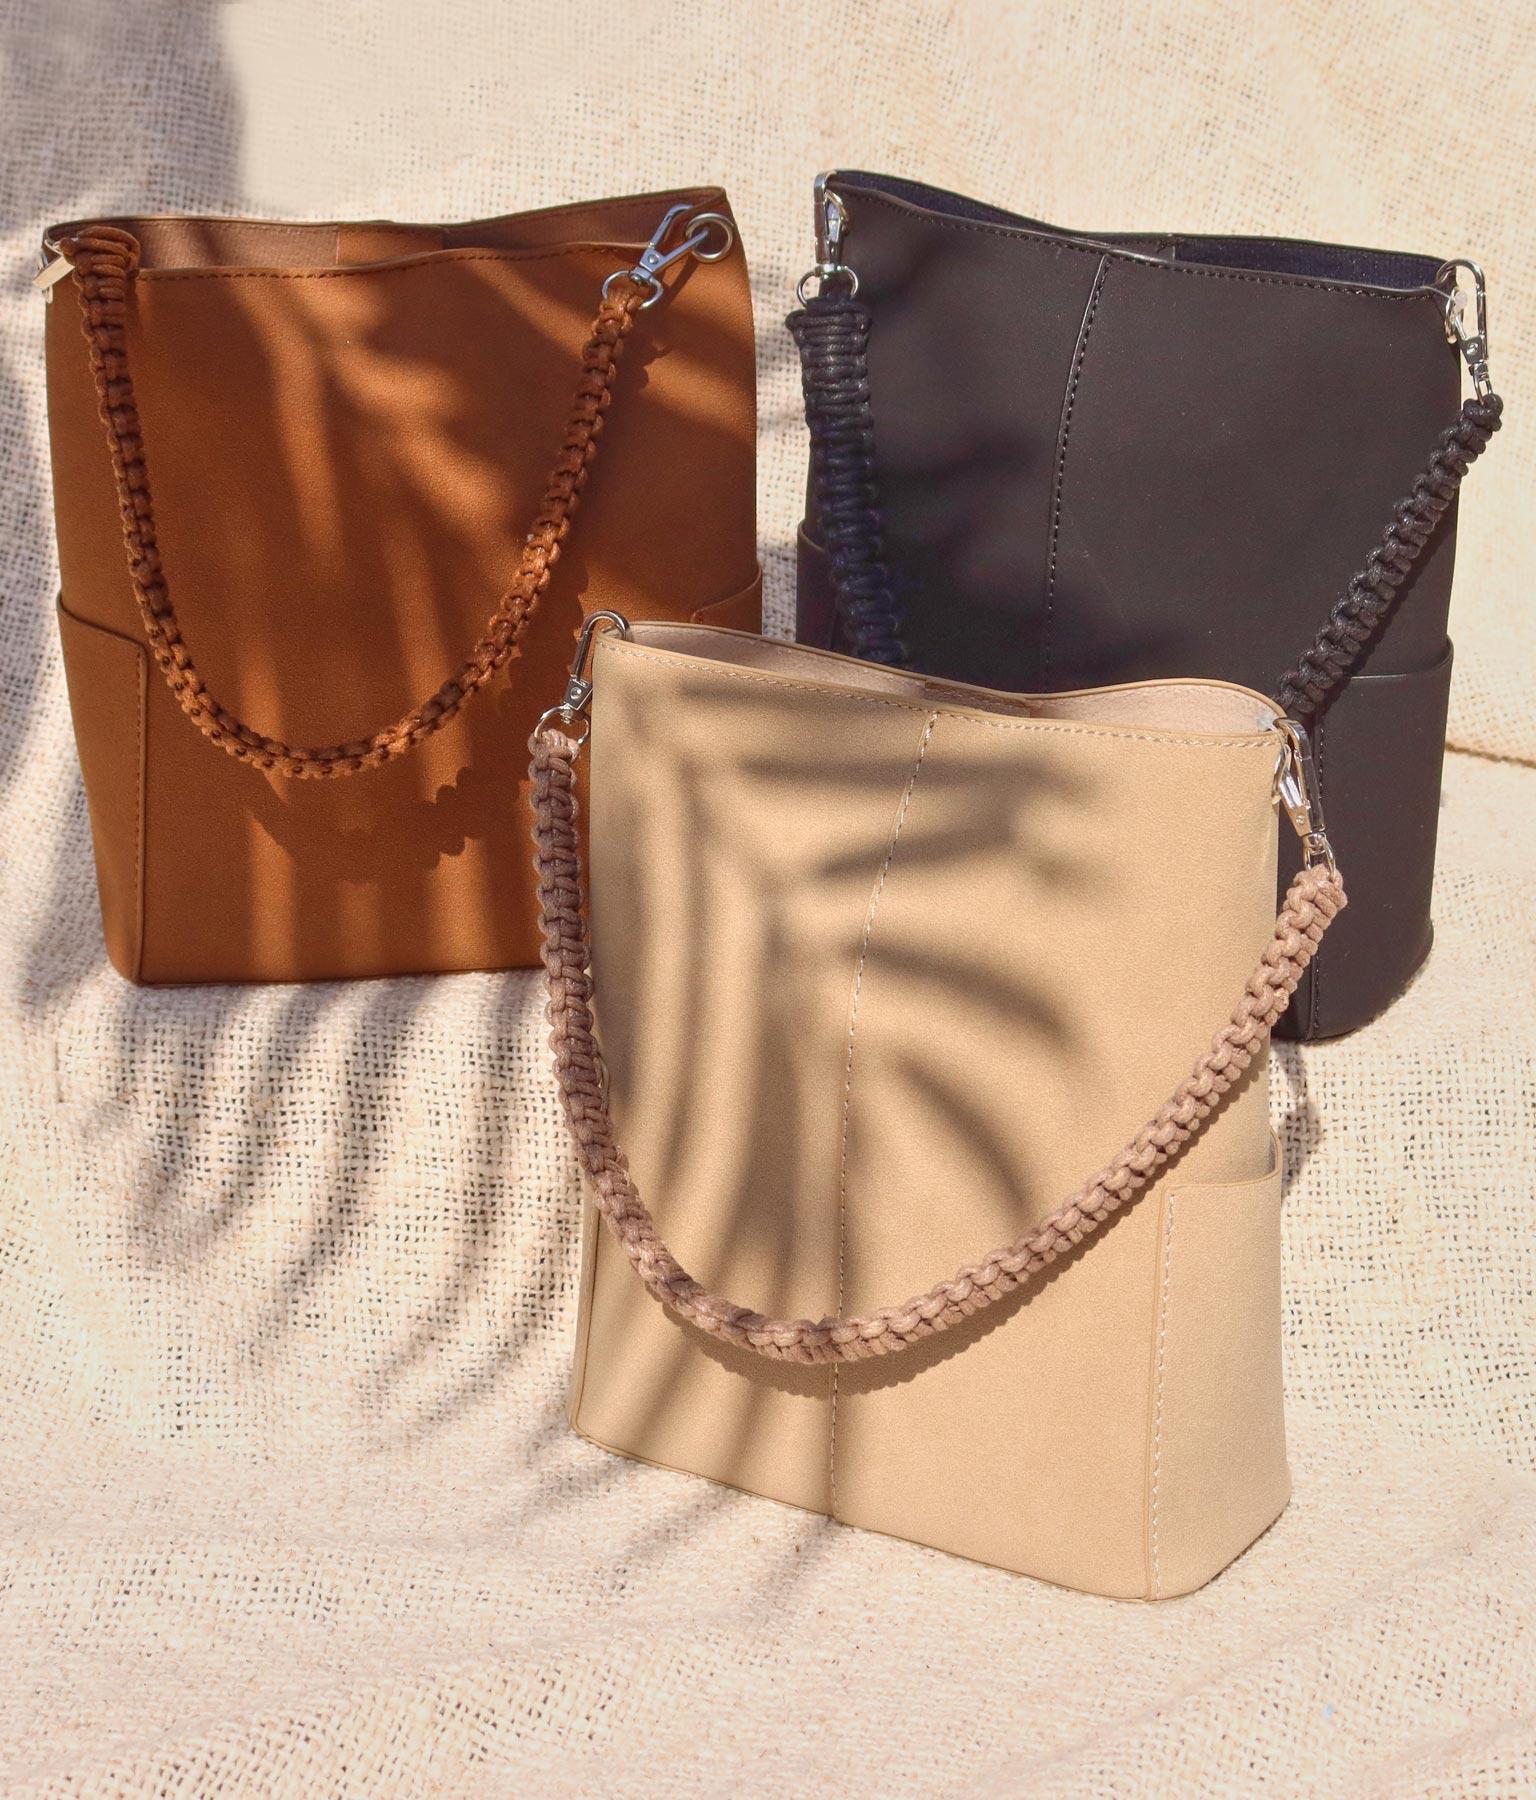 合皮ポーチ付2WAYバッグ(バッグ・鞄・小物/ショルダーバッグ・トートバッグ) | anap mimpi